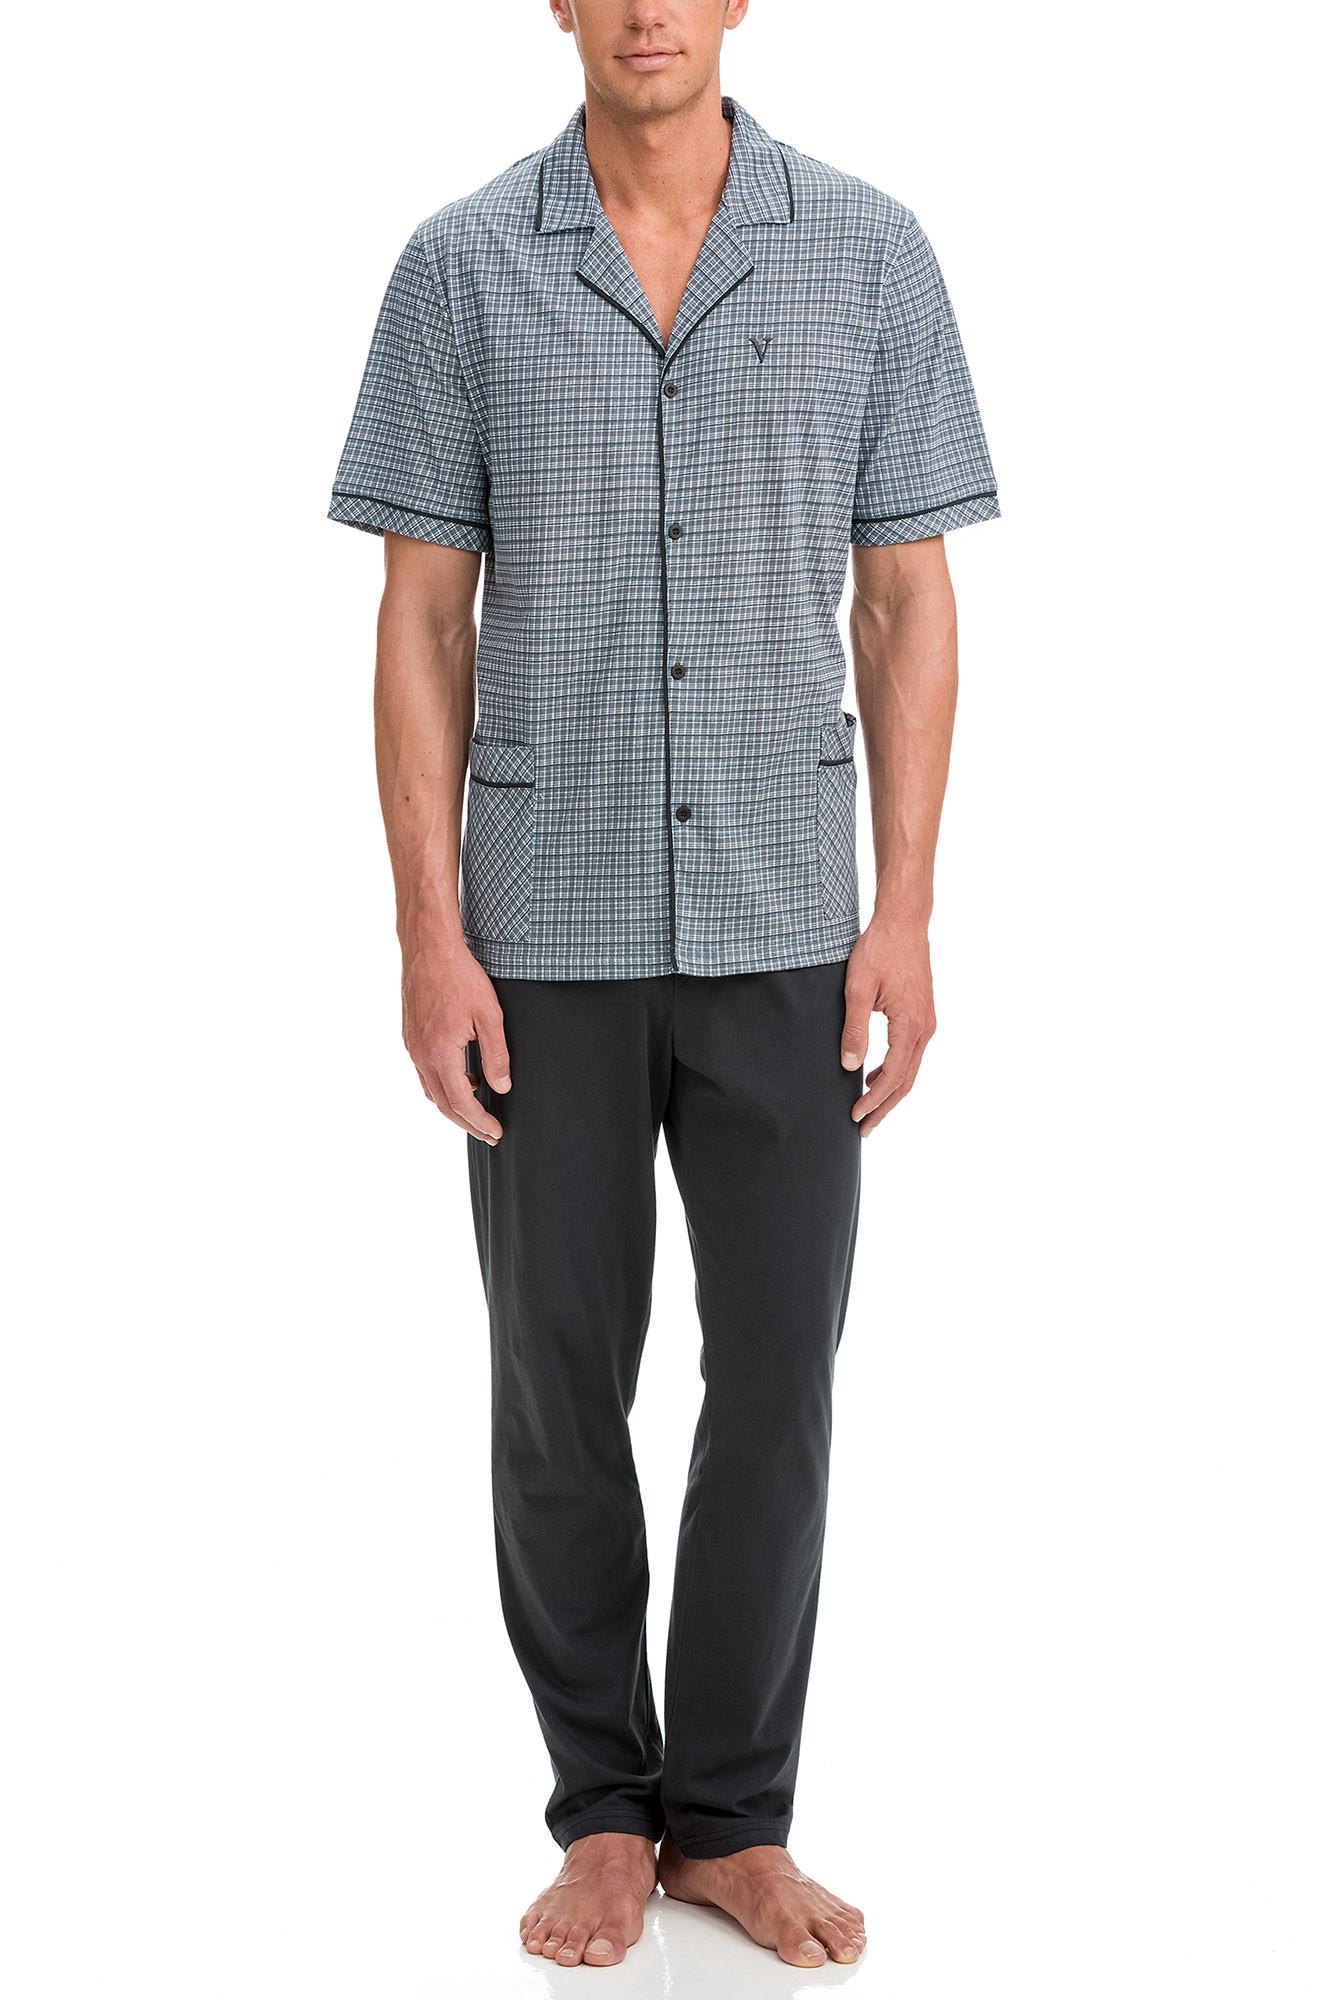 Vamp - Pánske pyžamo 12632 - Vamp dark gray xl